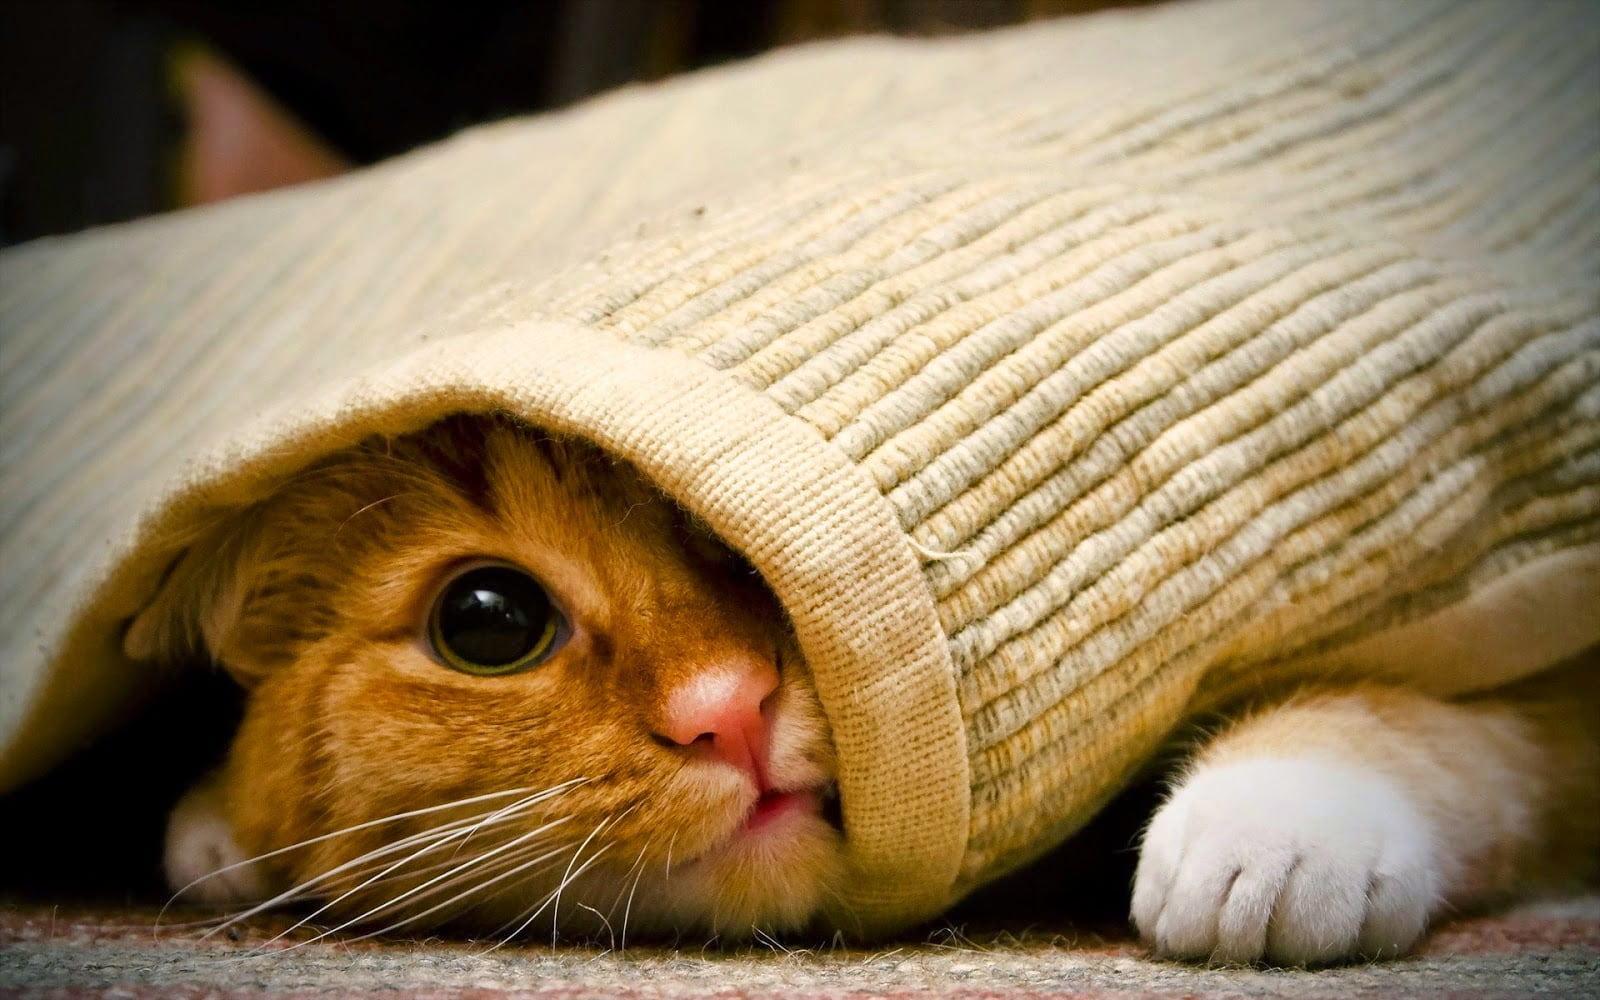 Hình ảnh chú mèo con dễ thương và đáng yêu cuộn tròn trong chiếc khăn